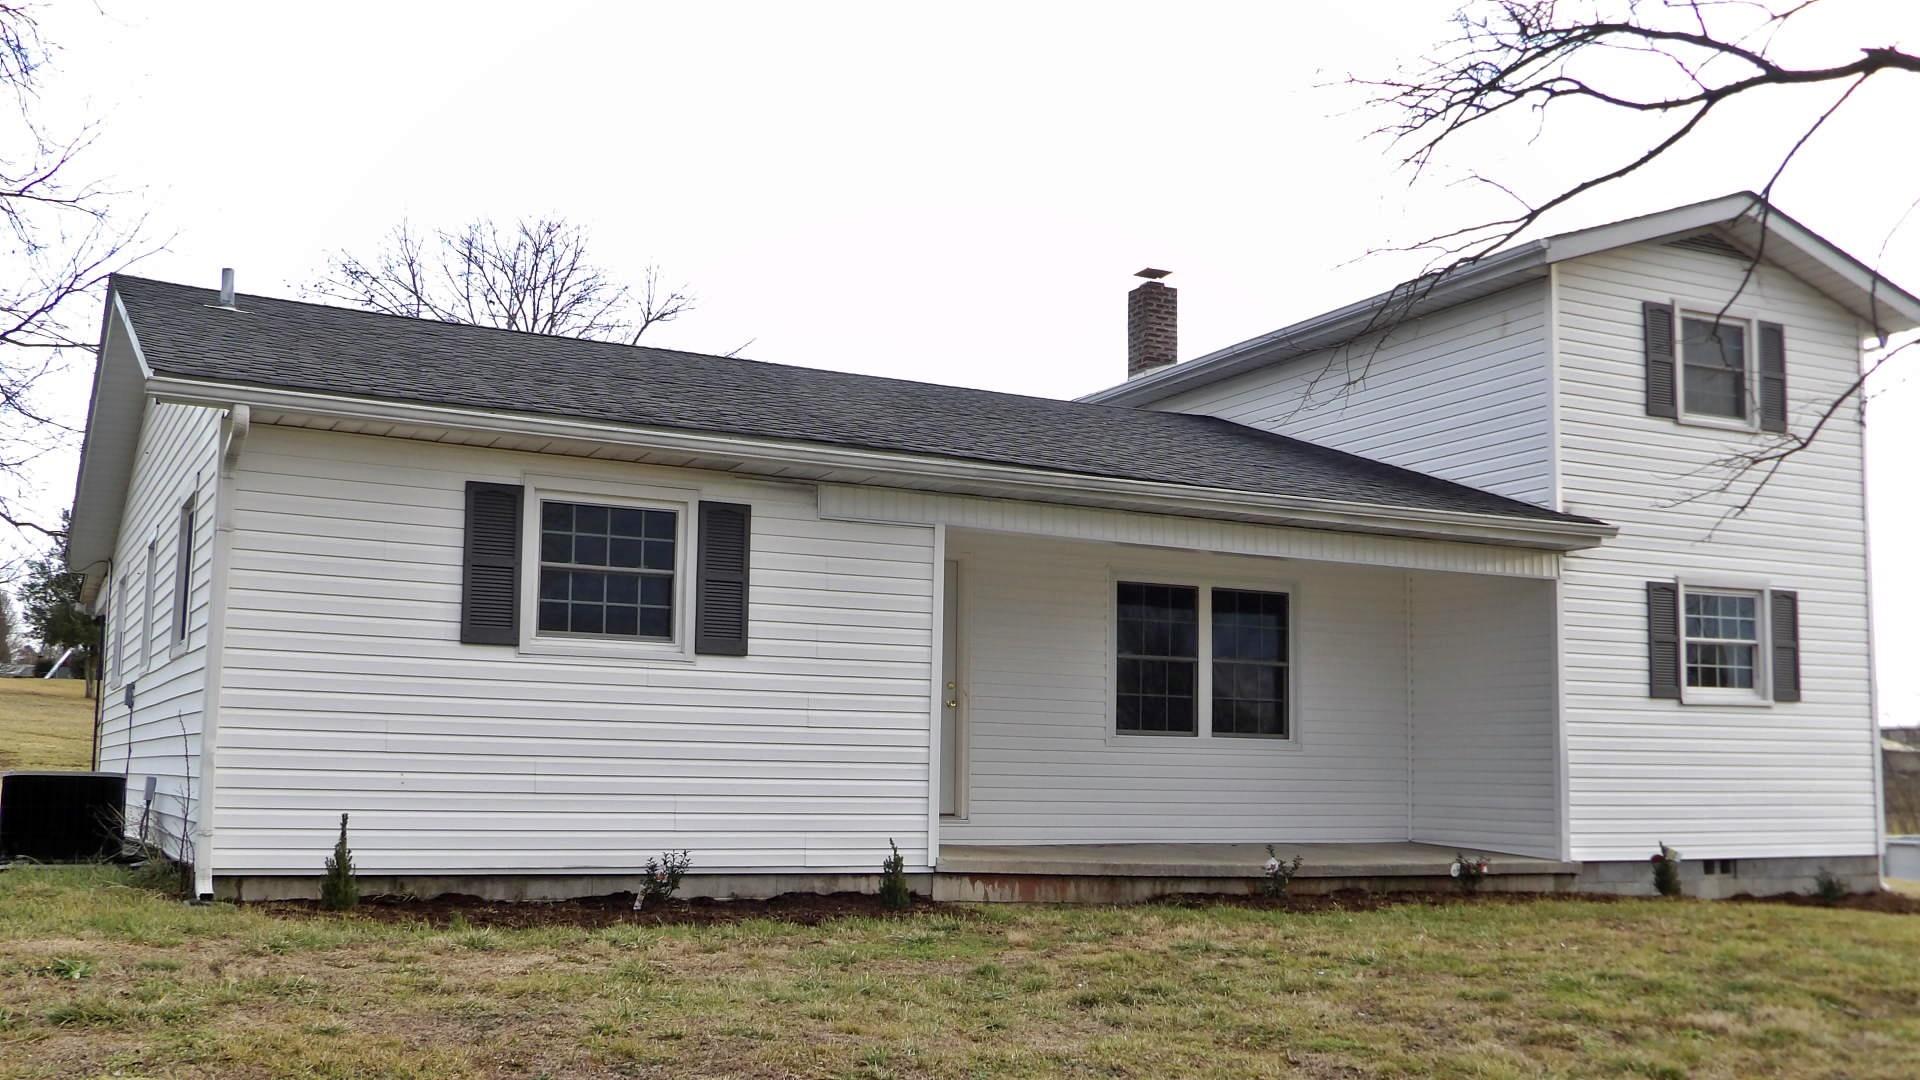 186 Lanetown Rd, Nancy, Kentucky 42544